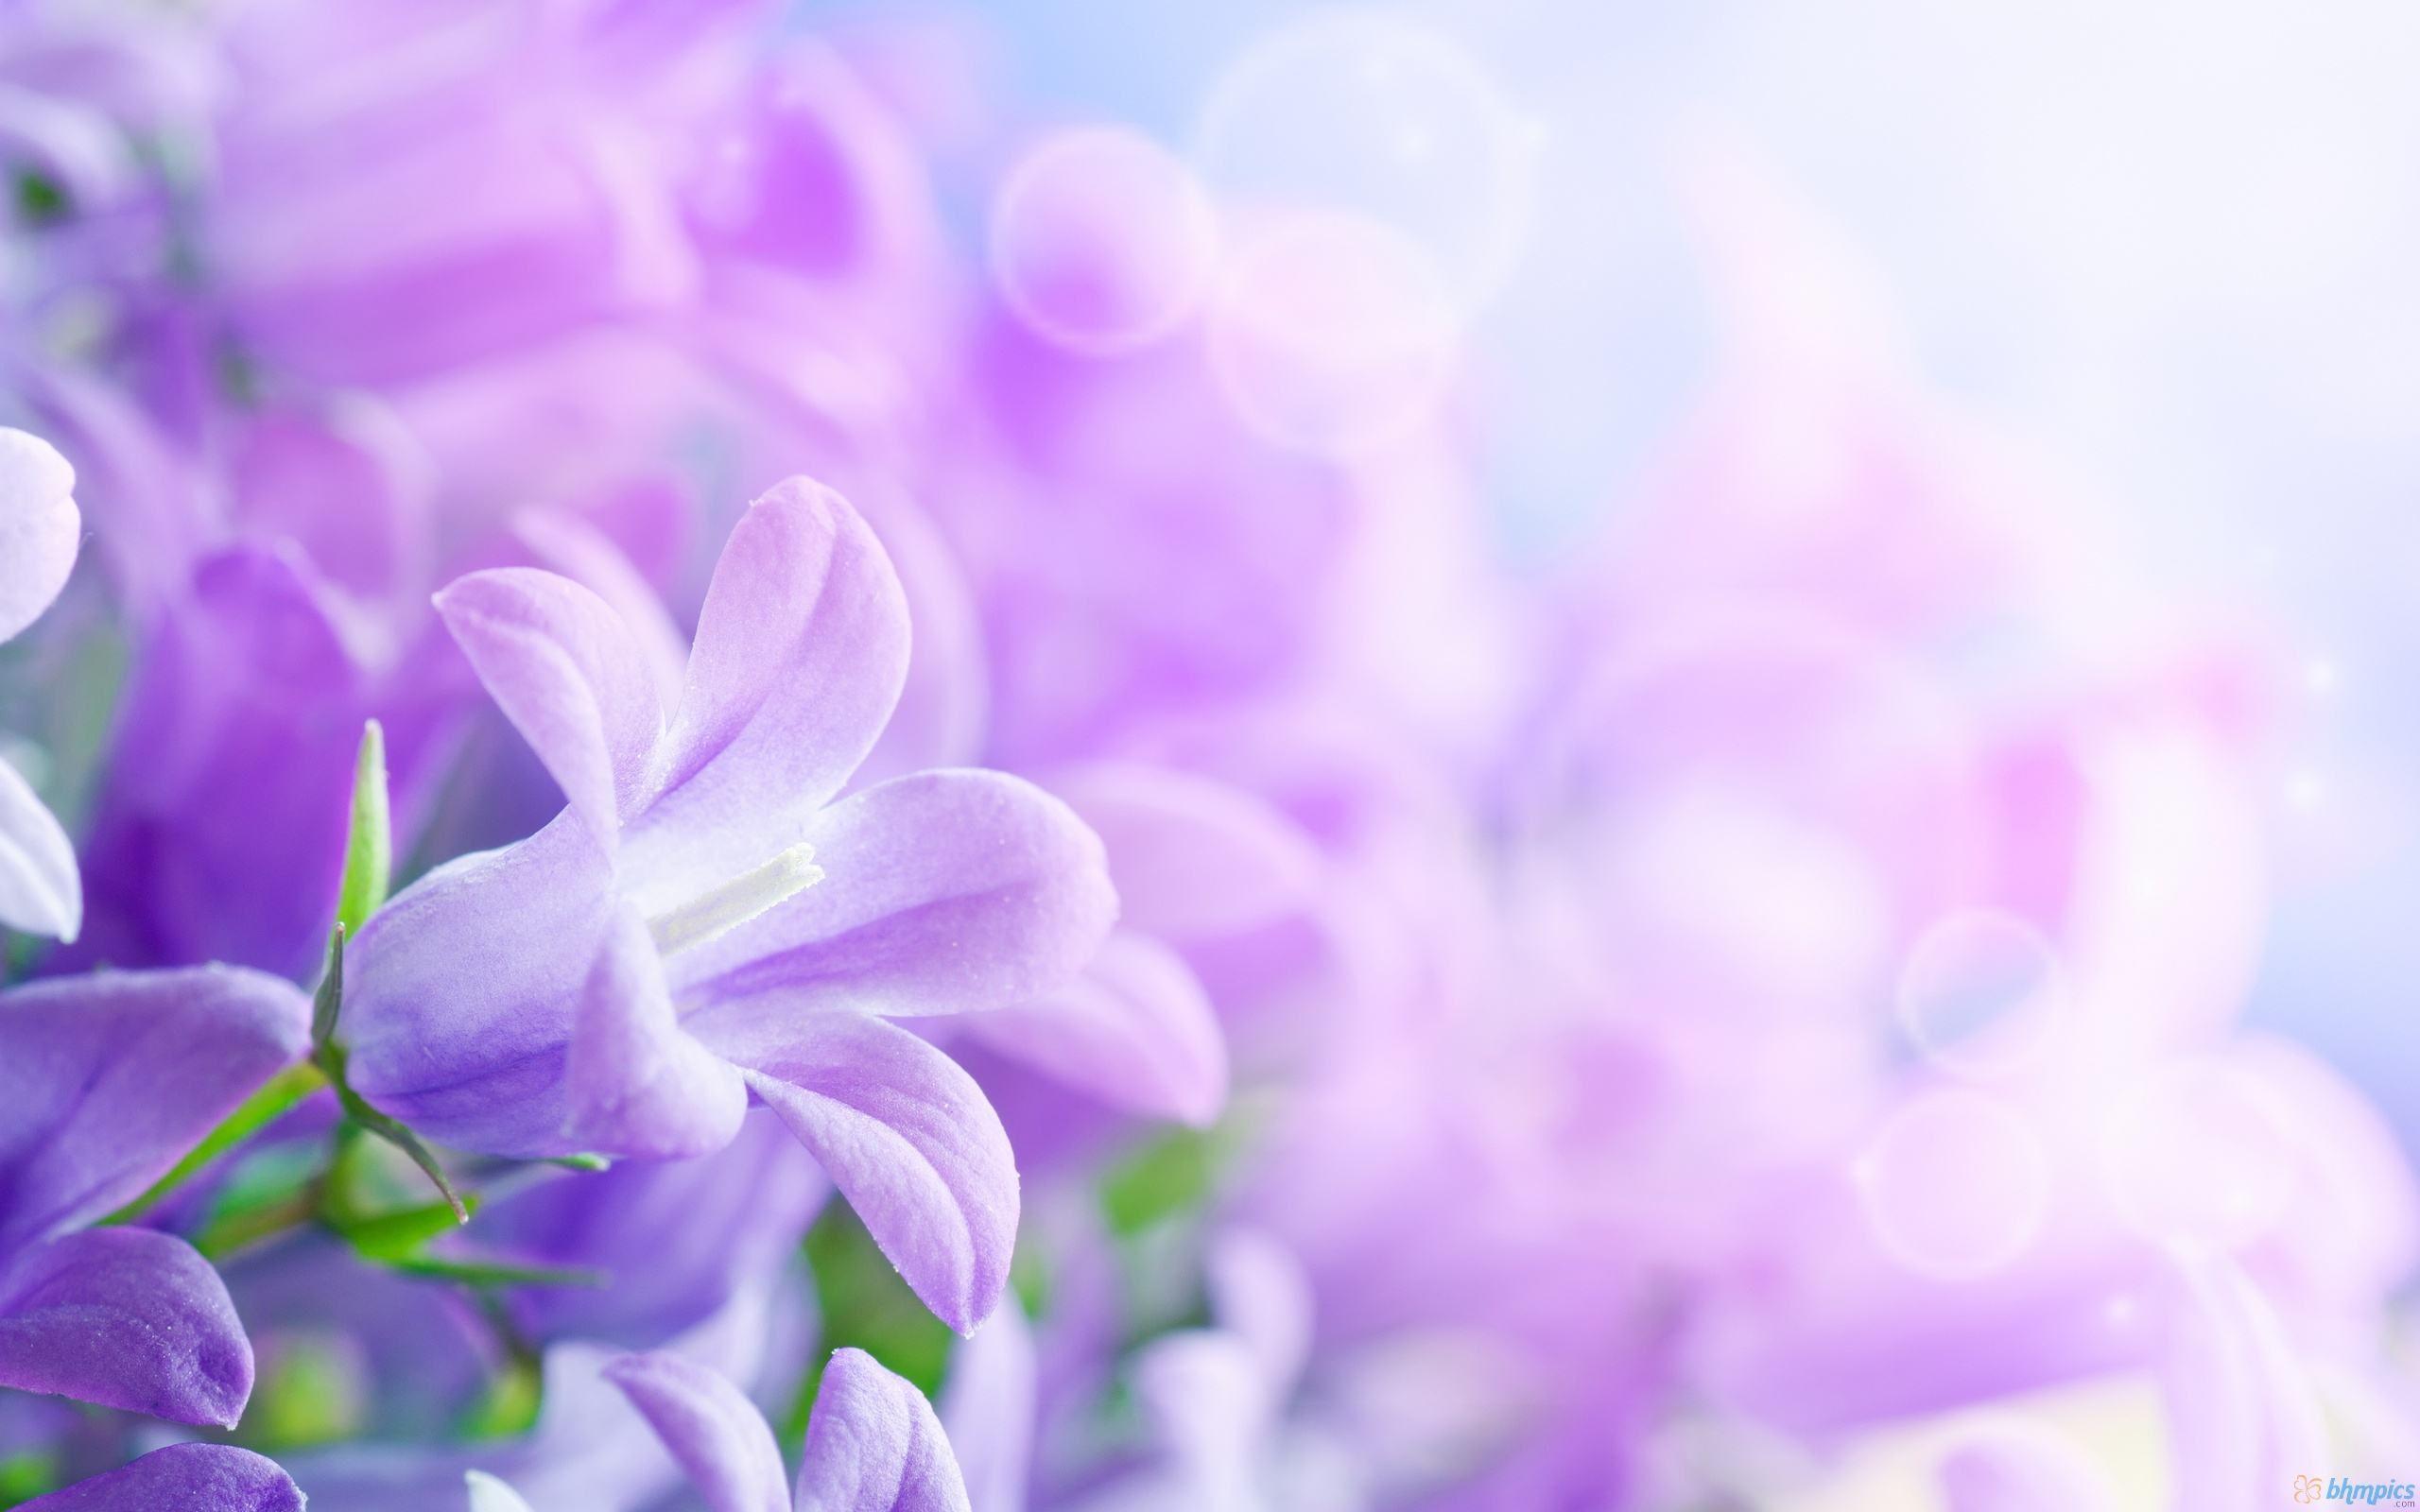 Purple Flower Wallpapers Wallpaper Purple Flowers Wallpaper Purple Flower Background Flower Images Wallpapers Amazing light purple flower wallpaper